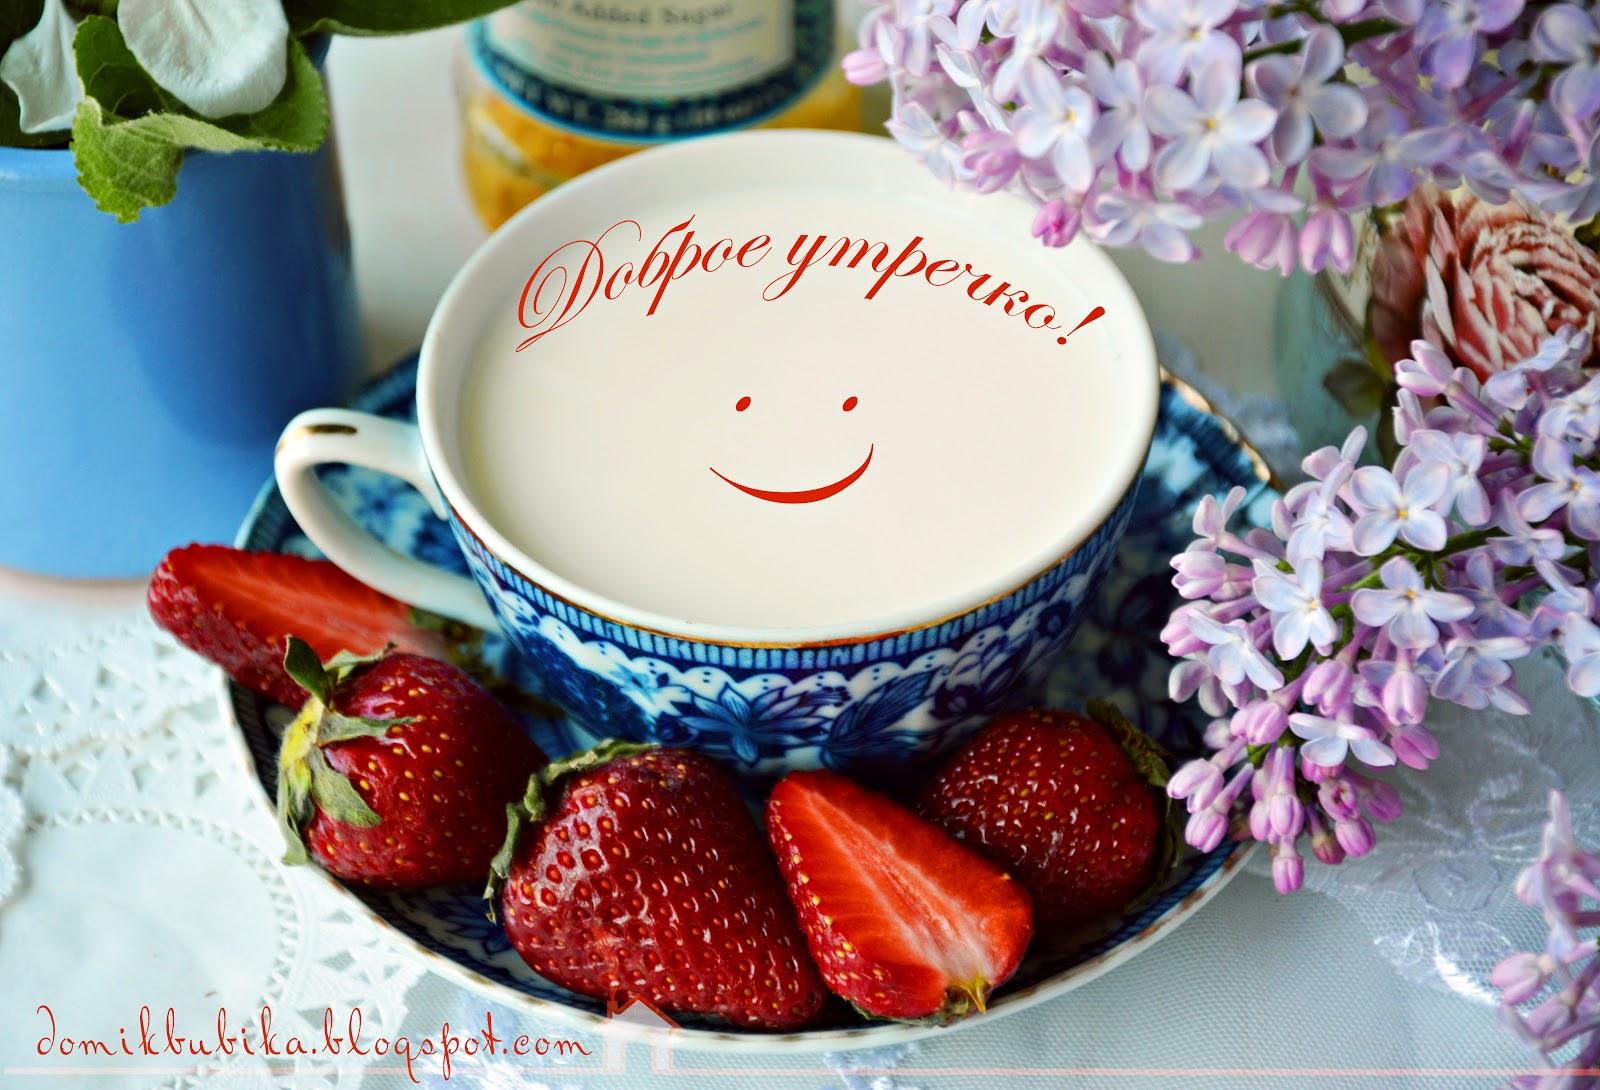 http://2.bp.blogspot.com/-FJJfdO-ux28/UY05l5ciAZI/AAAAAAAABKo/p8NIOx91q0A/s1600/6.jpg